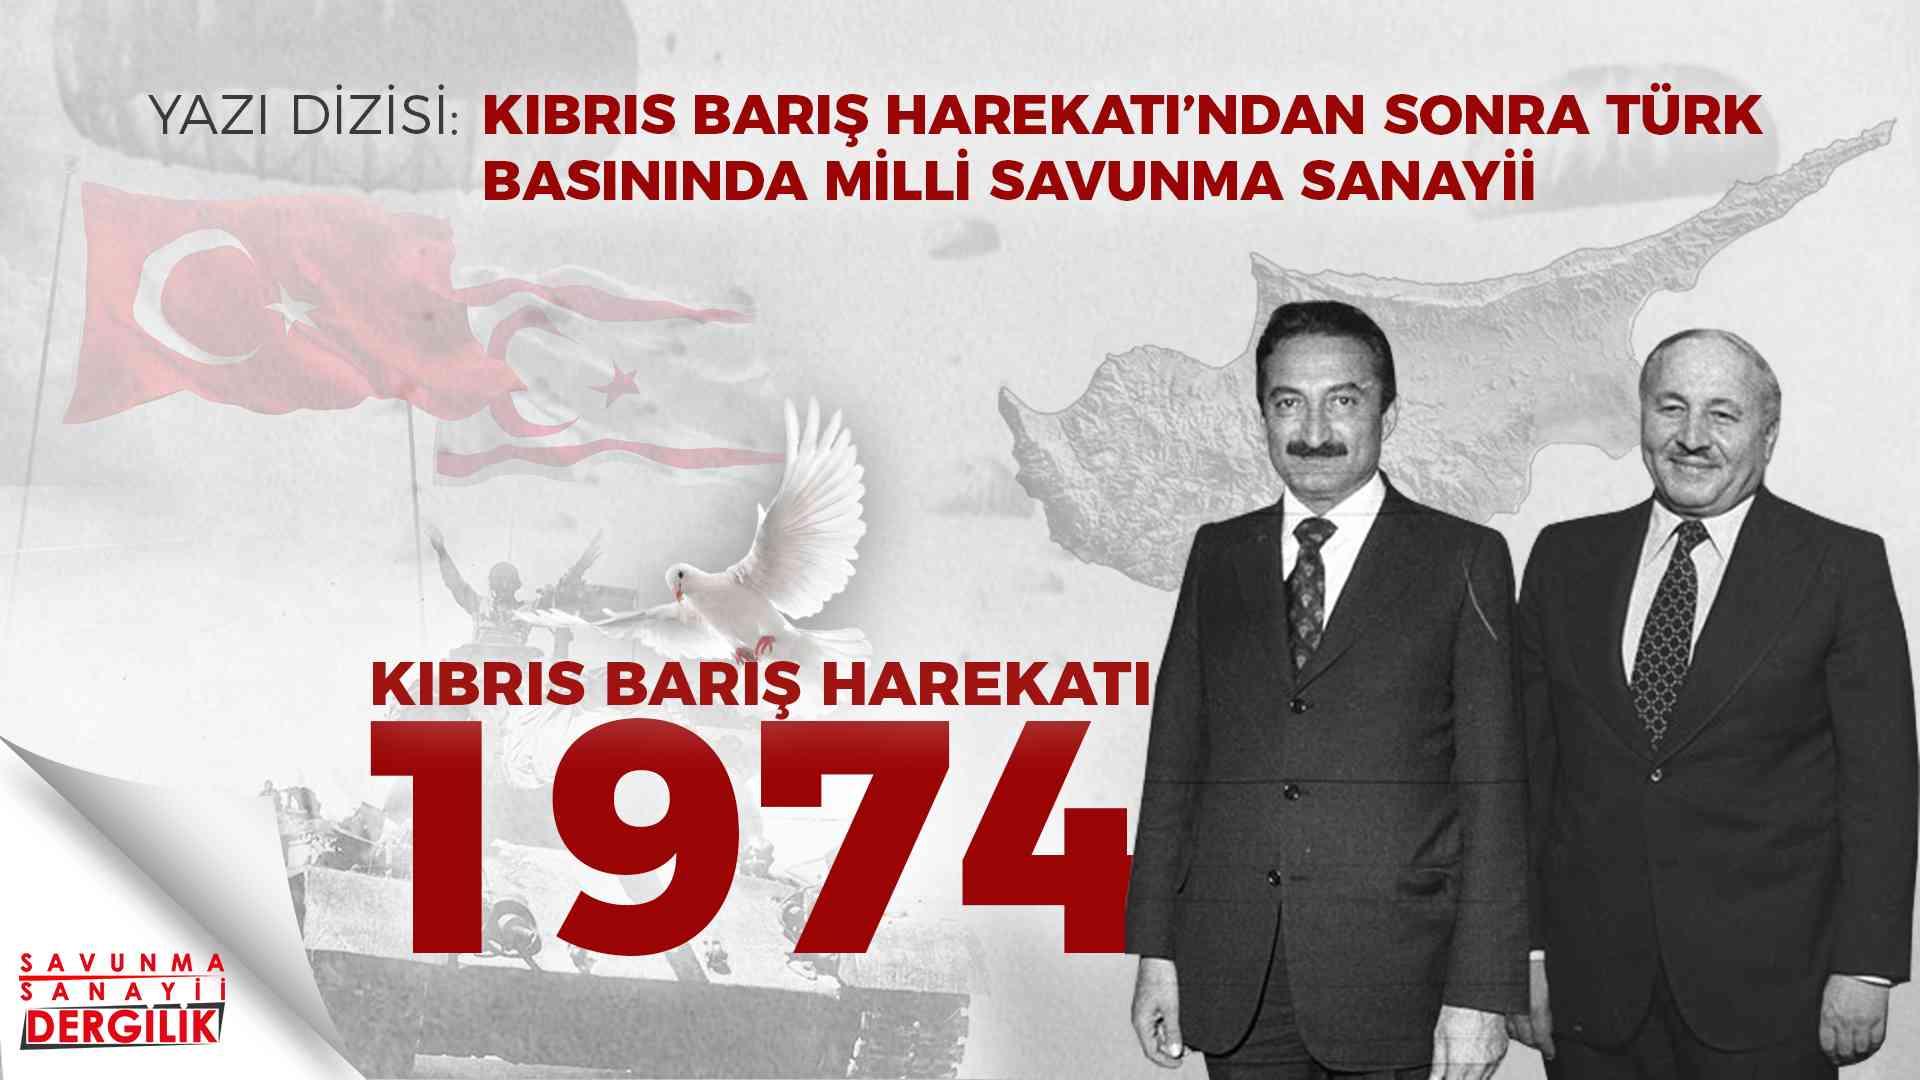 Kıbrıs Barış Harekatı'ndan sonra Türk basınında milli savunma sanayii